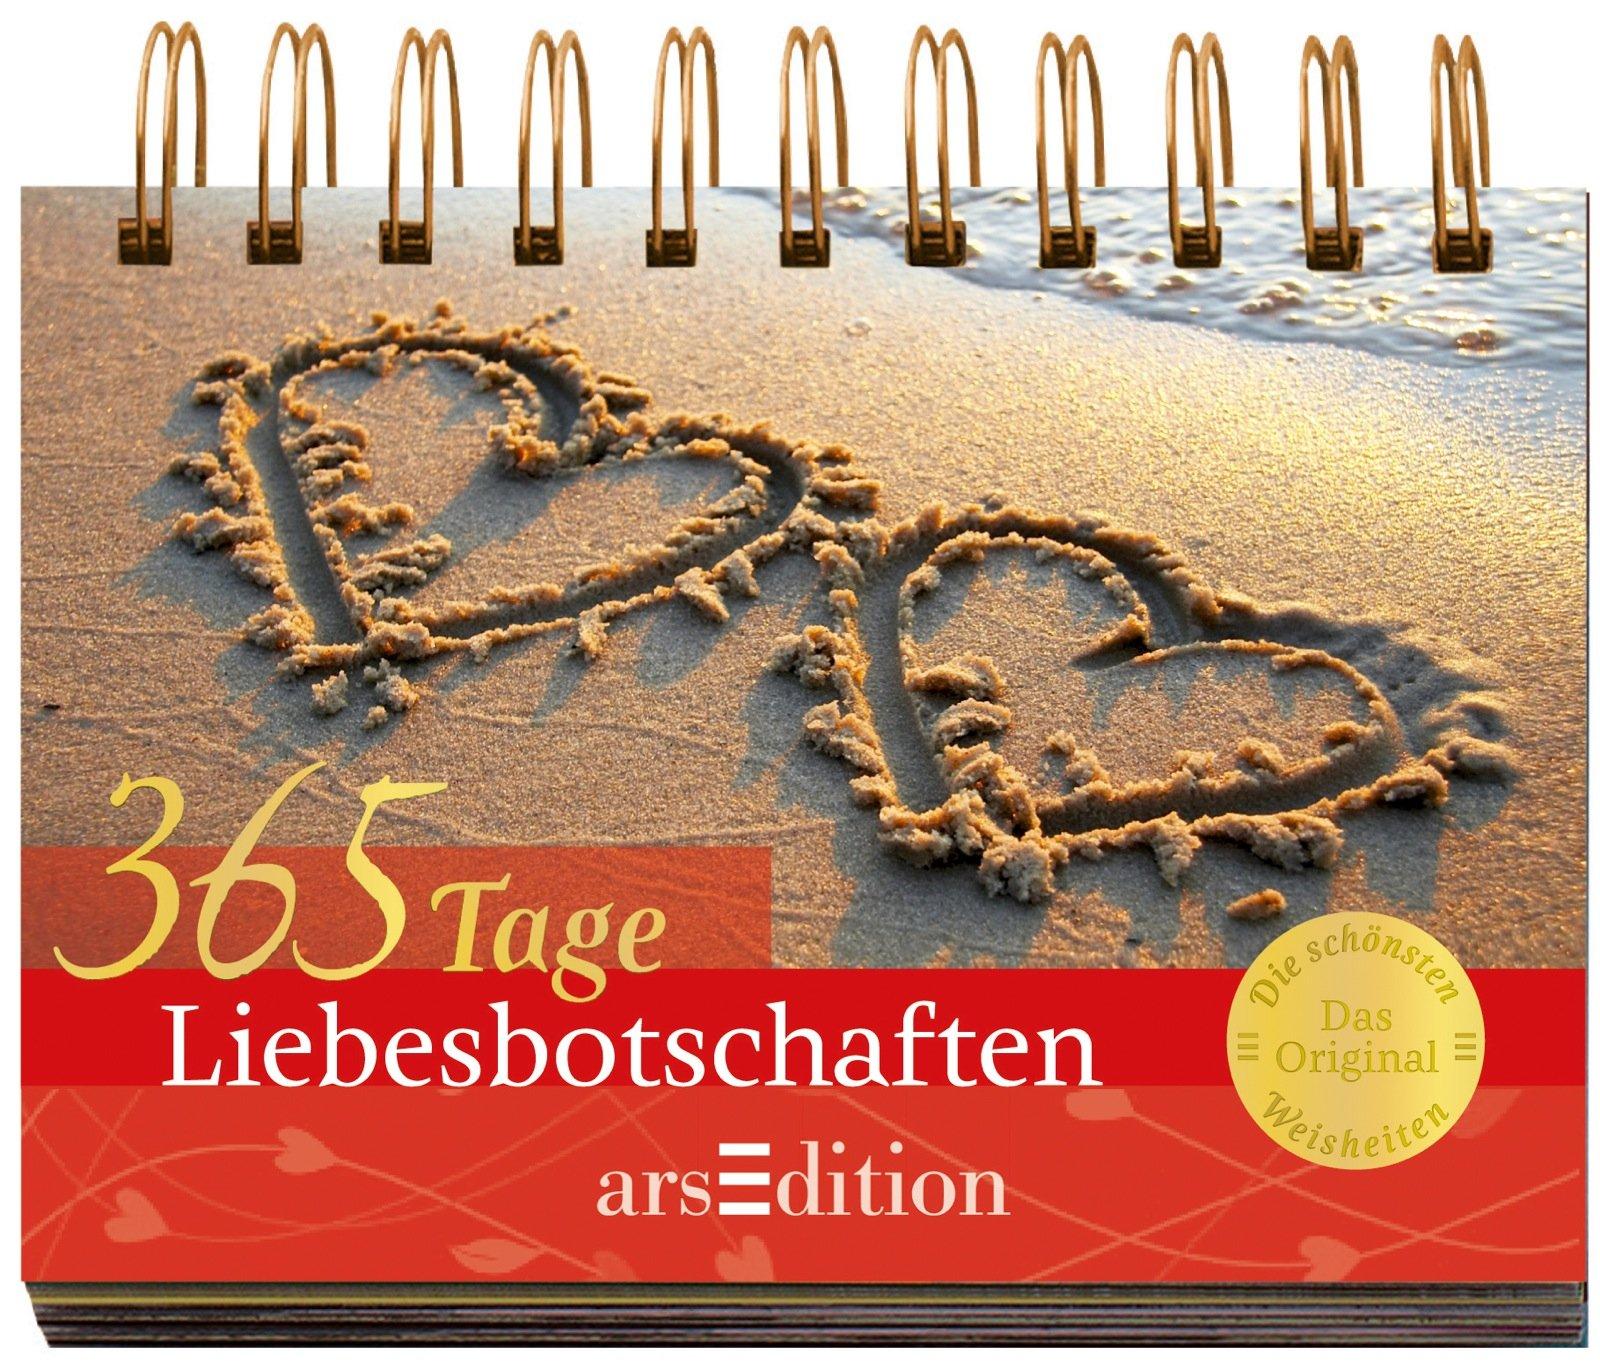 365 Tage Liebesbotschaften